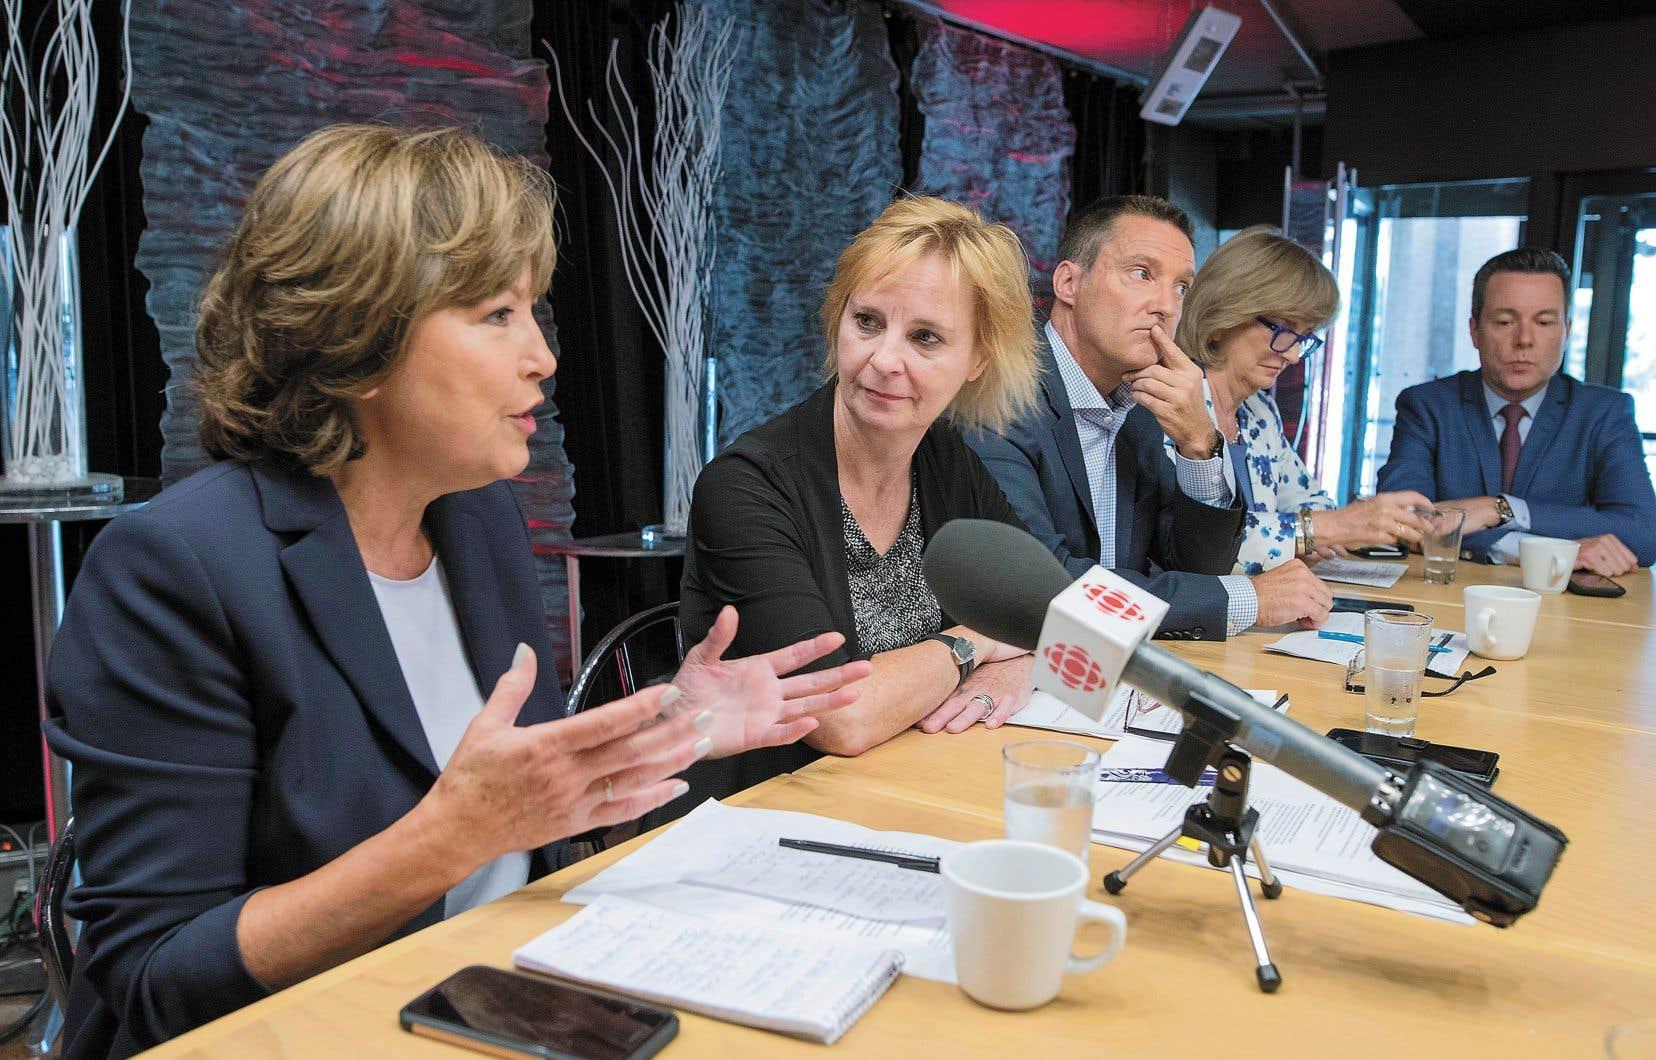 Céline Galipeau, Luce Julien, Patrice Roy, Anne-Marie Dussault et Sébastien Bovet lors de la présentation de la rentrée de l'information de Radio-Canada